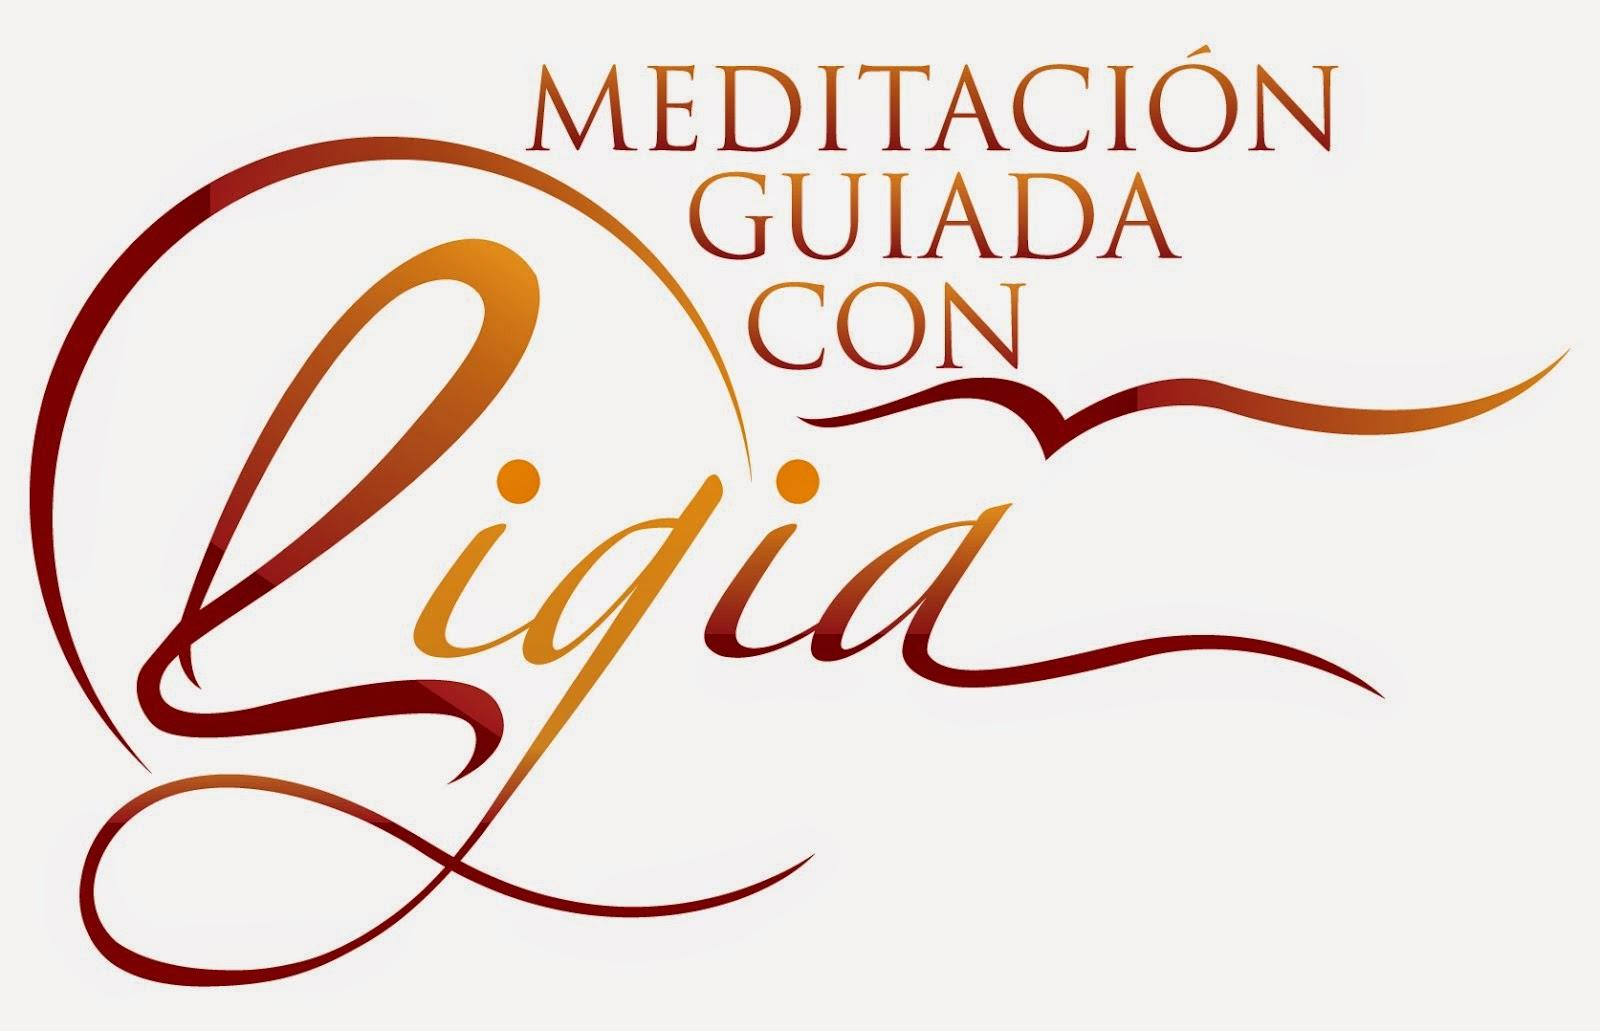 Meditacion Guida en el Centro para Transformar Vidas en Miami